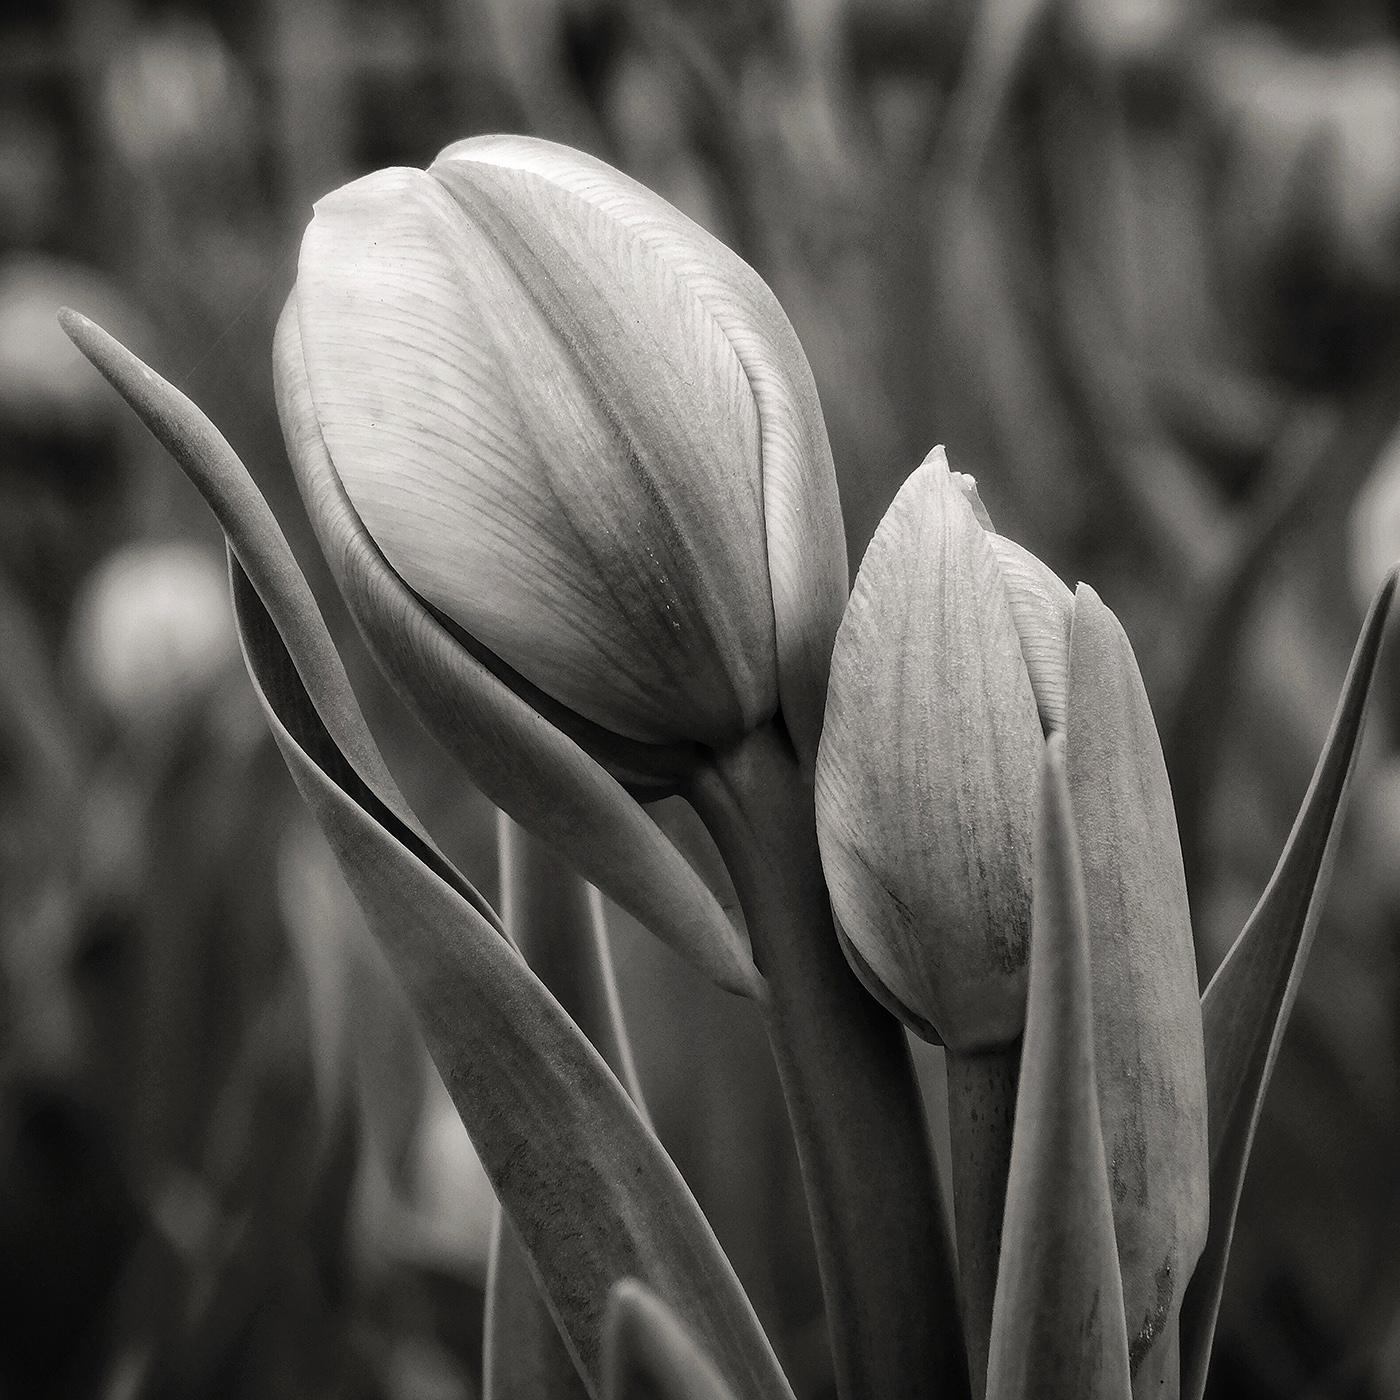 DBS_Tulips06.jpg